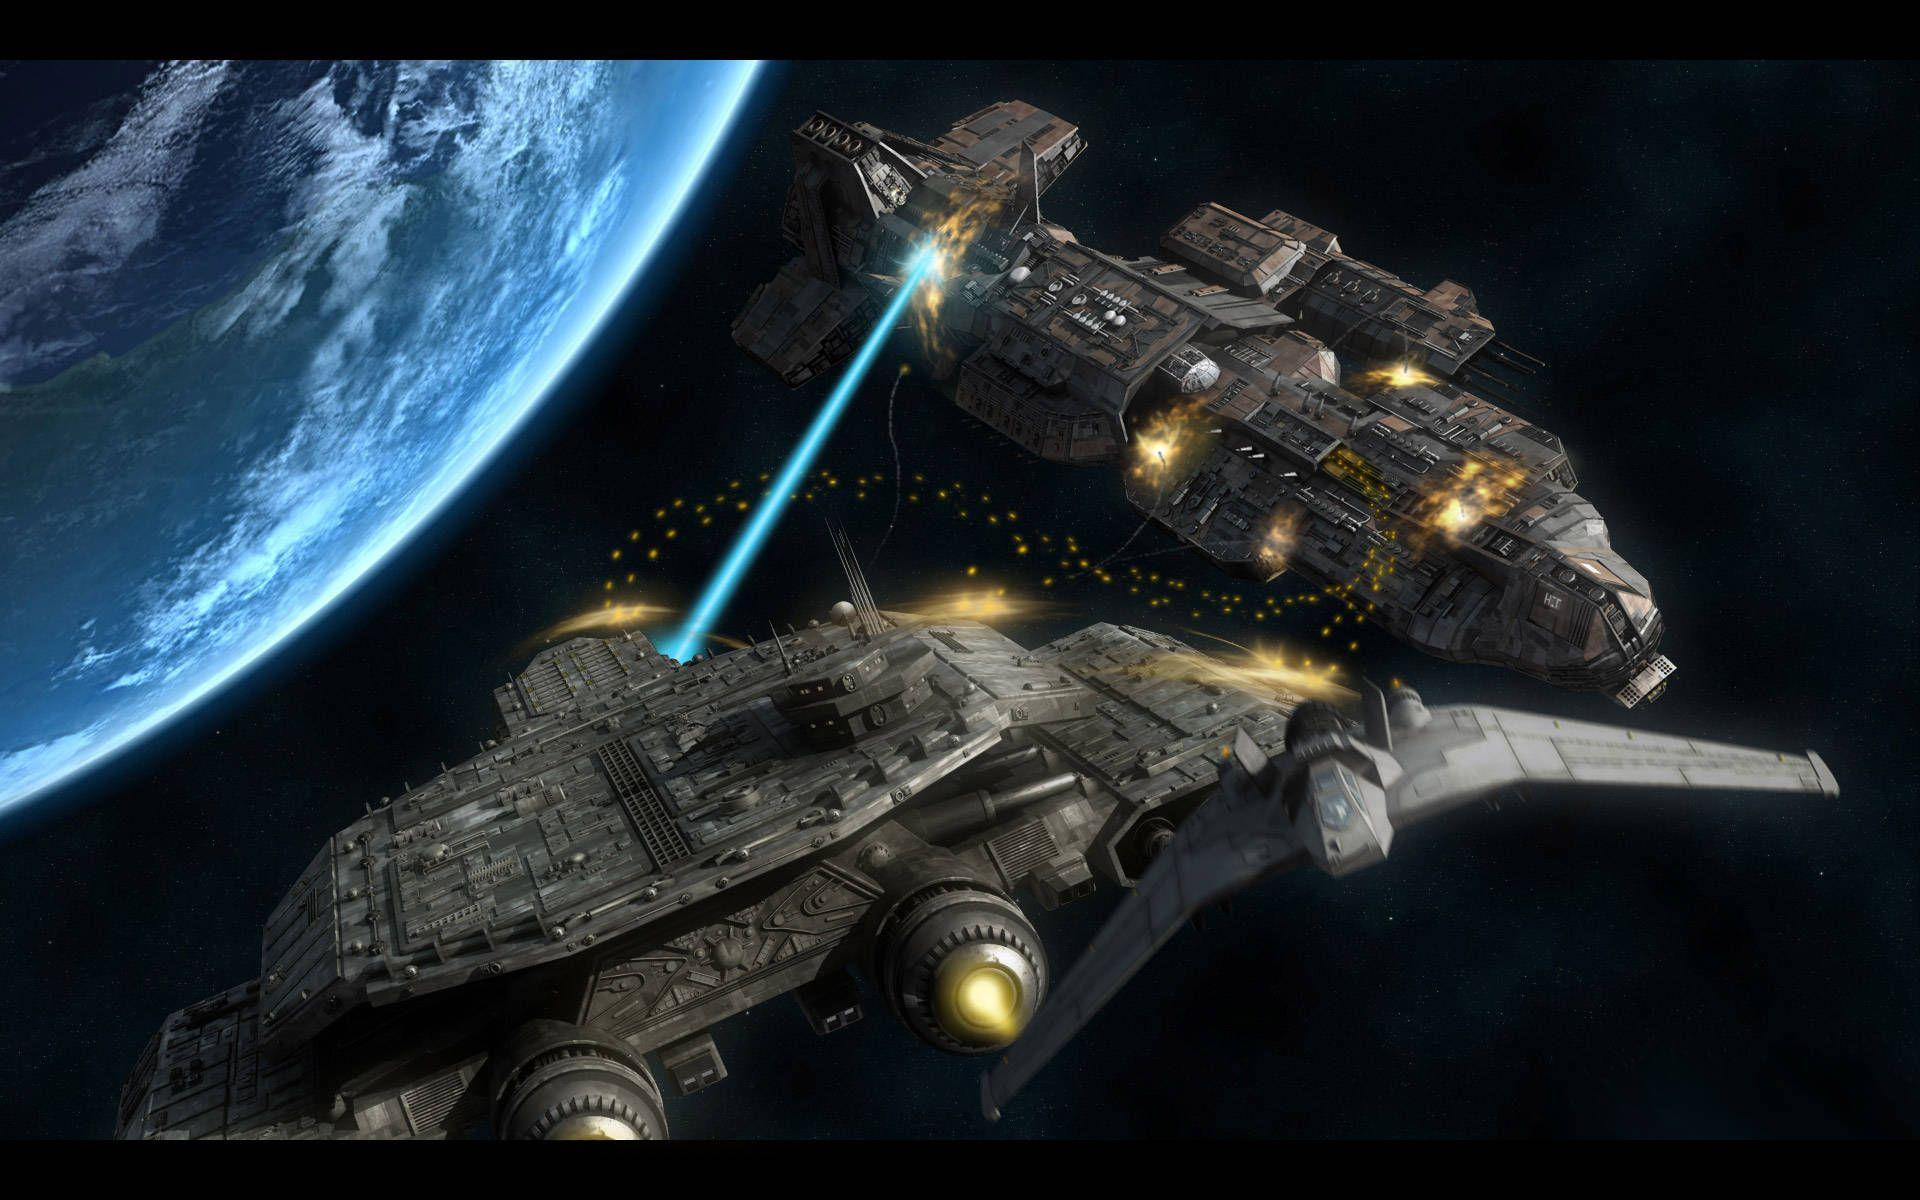 prometheus spacecraft stargate - photo #46